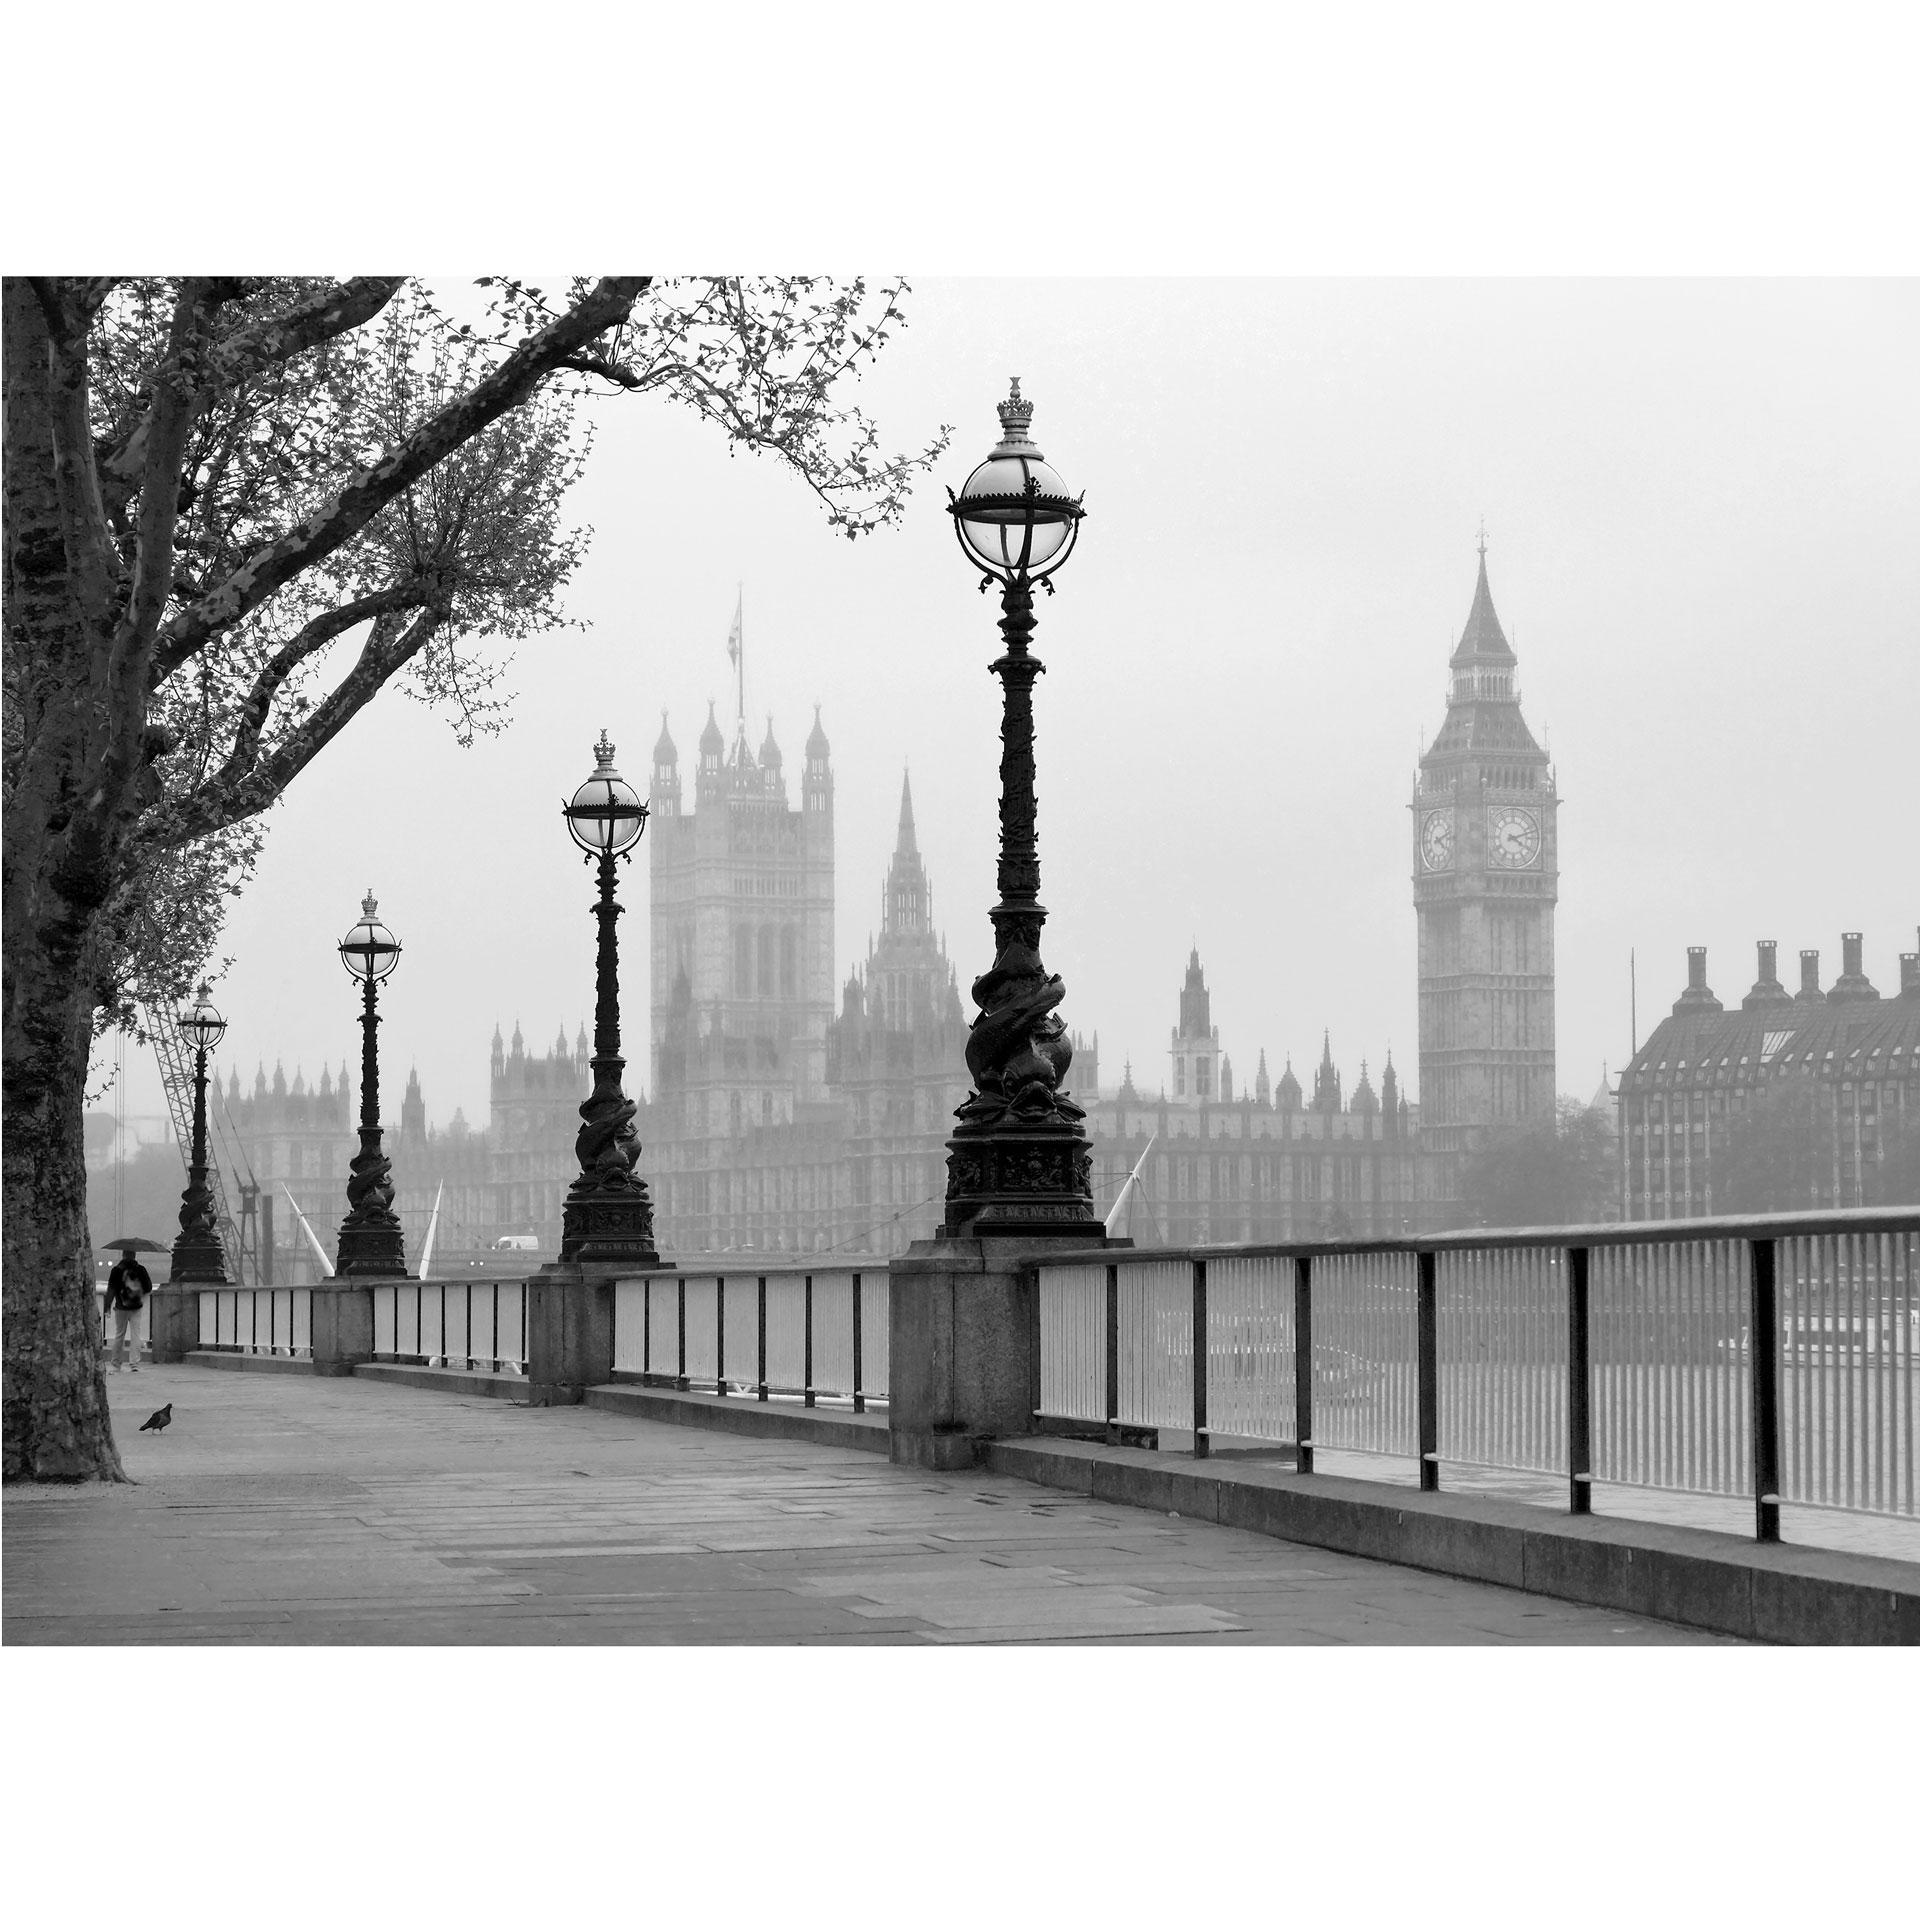 Fotobehang paleis van westminster wall - Behang london ...